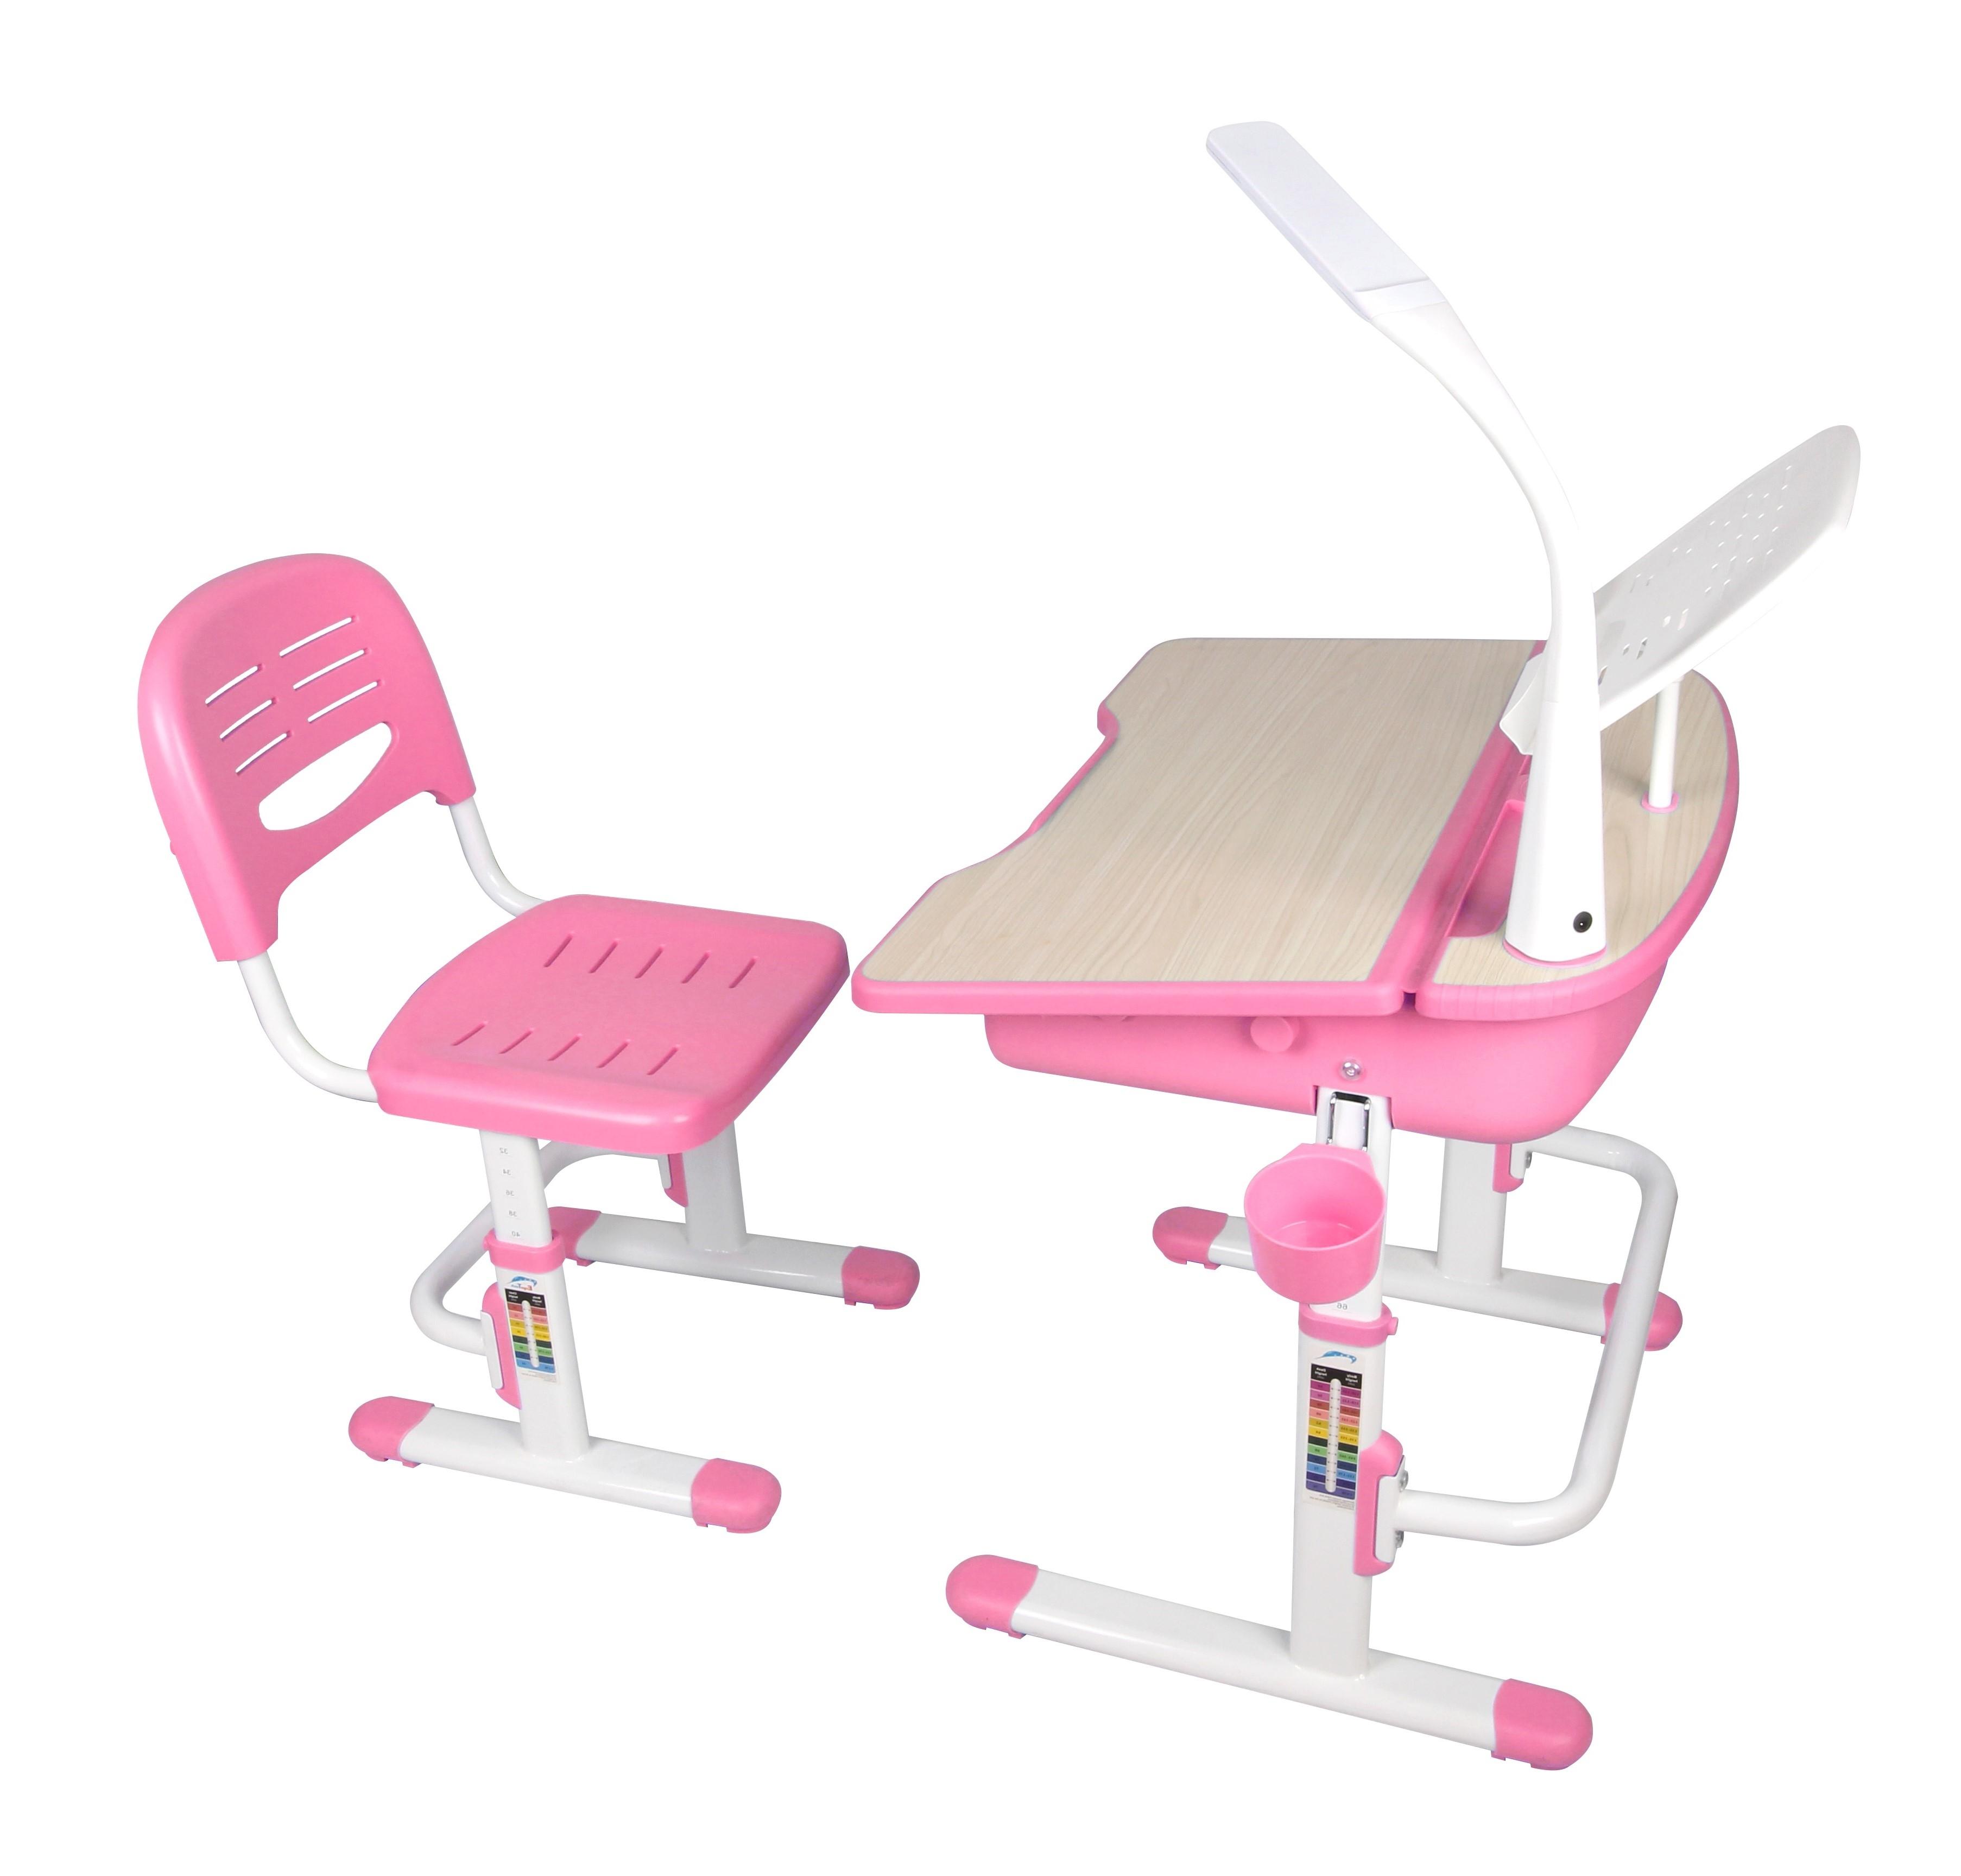 Set birou pentru copii cu lampa LED, reglabil pe inaltime Comfortline Roz, L70,5xl54,5xH54 cm imagine